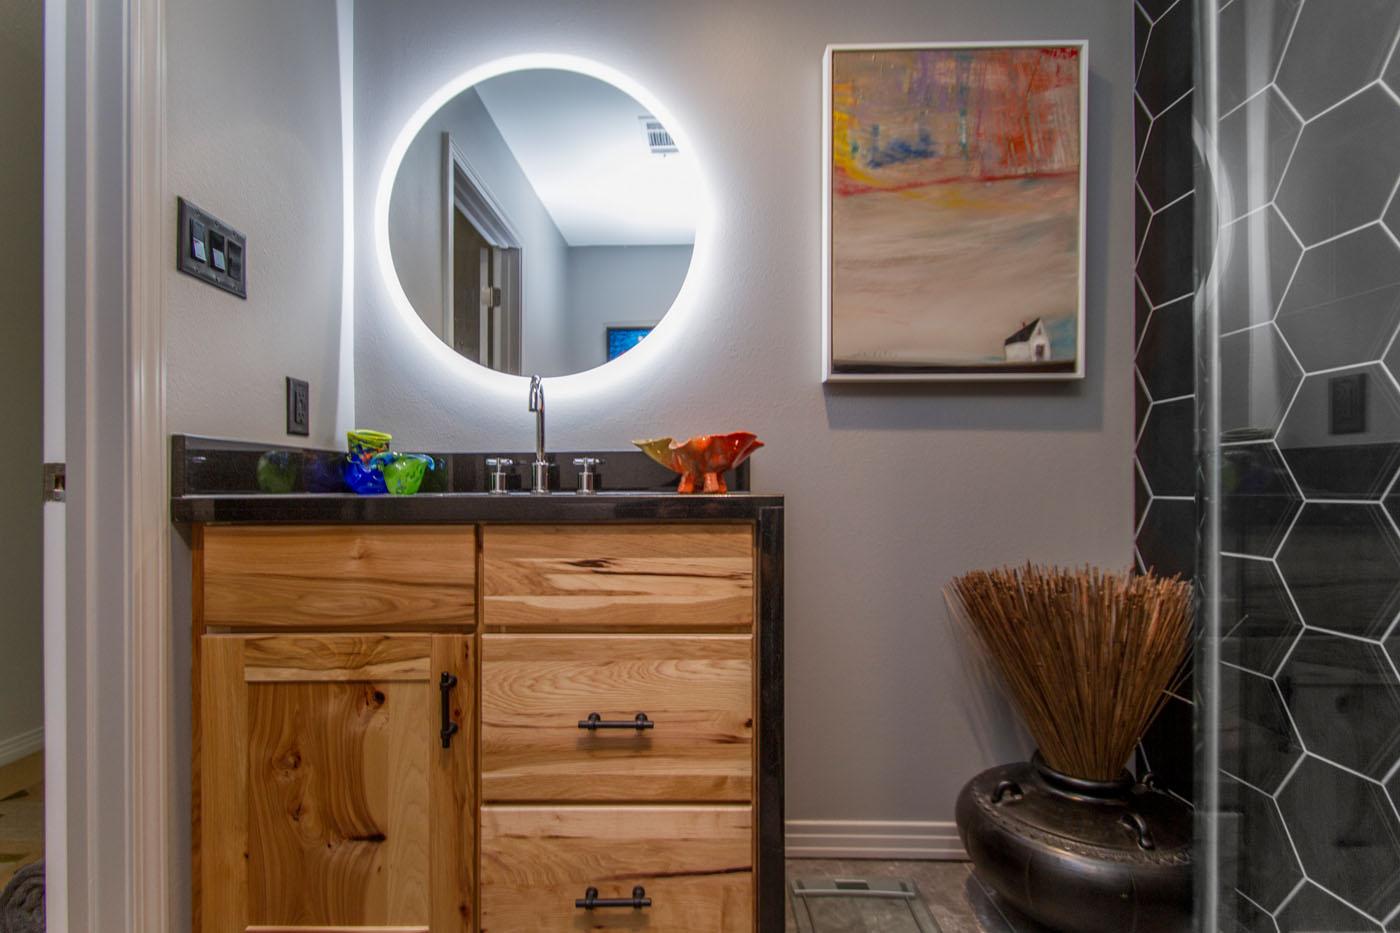 Cambridge Condo Little Rock Kitchen and Bath Remodel